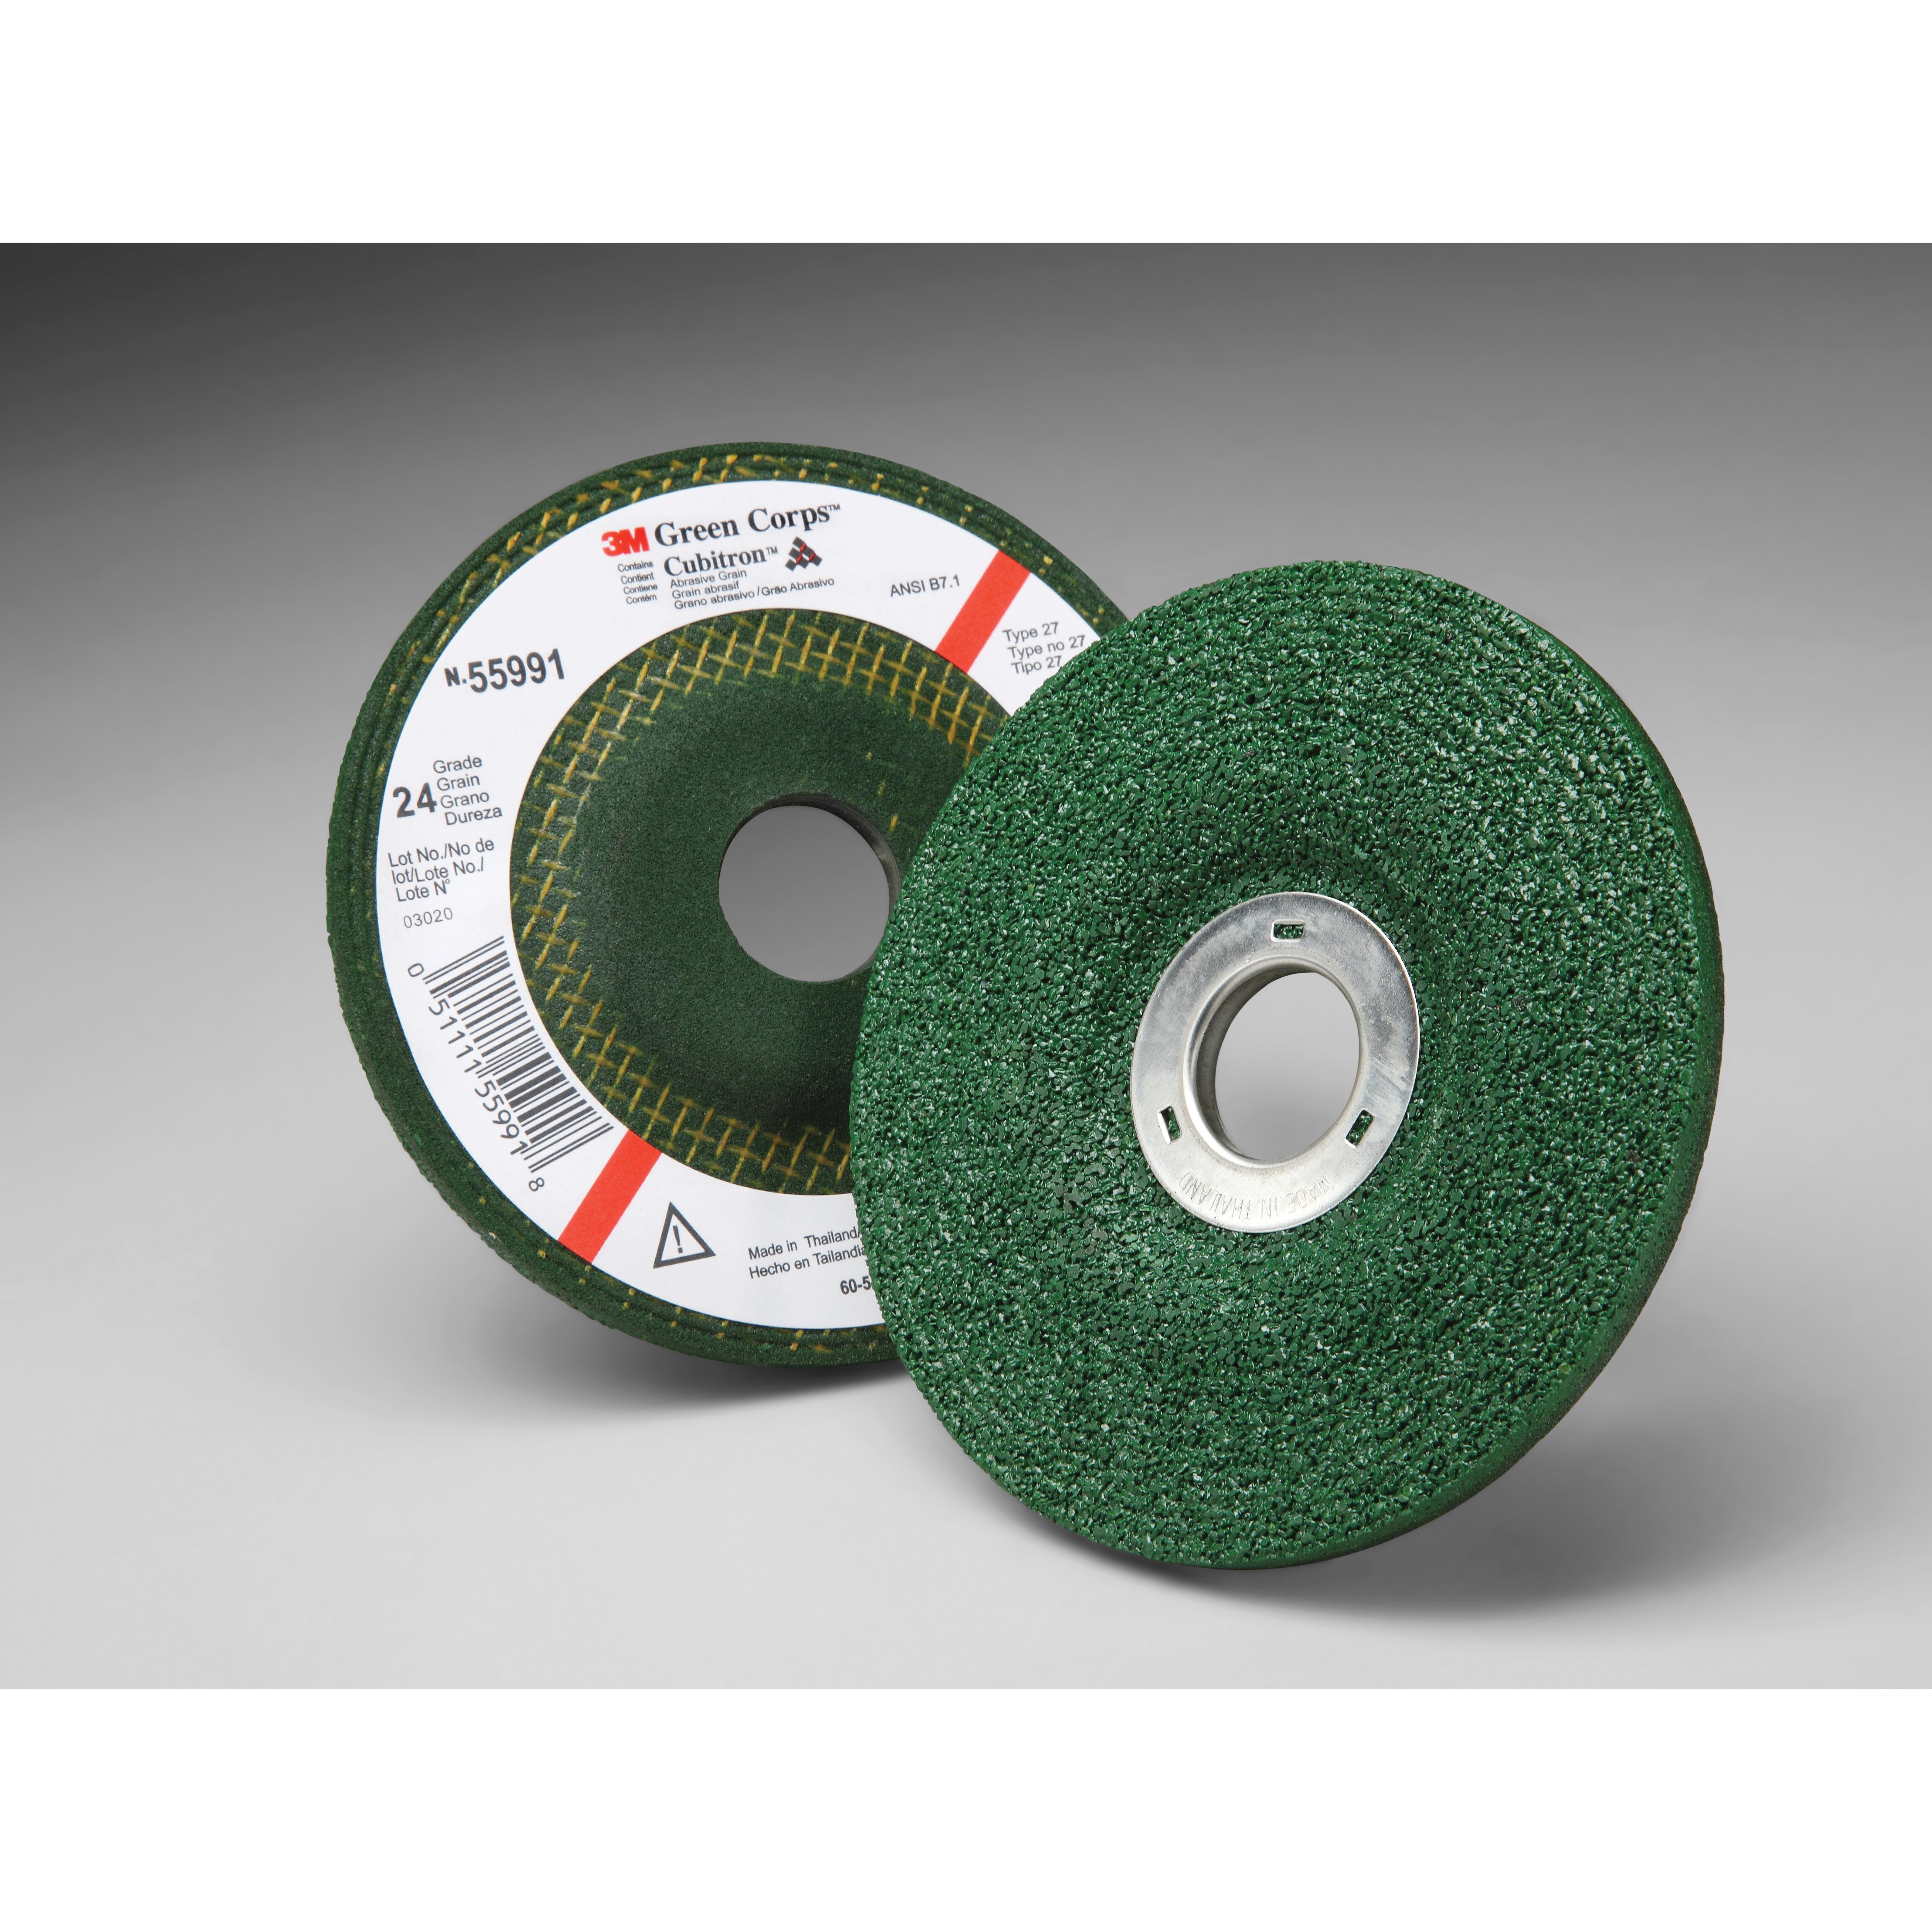 Green Corps™ 051111-55960 Depressed Center Wheel, 4-1/2 in Dia x 1/4 in THK, 24 Grit, Ceramic Abrasive